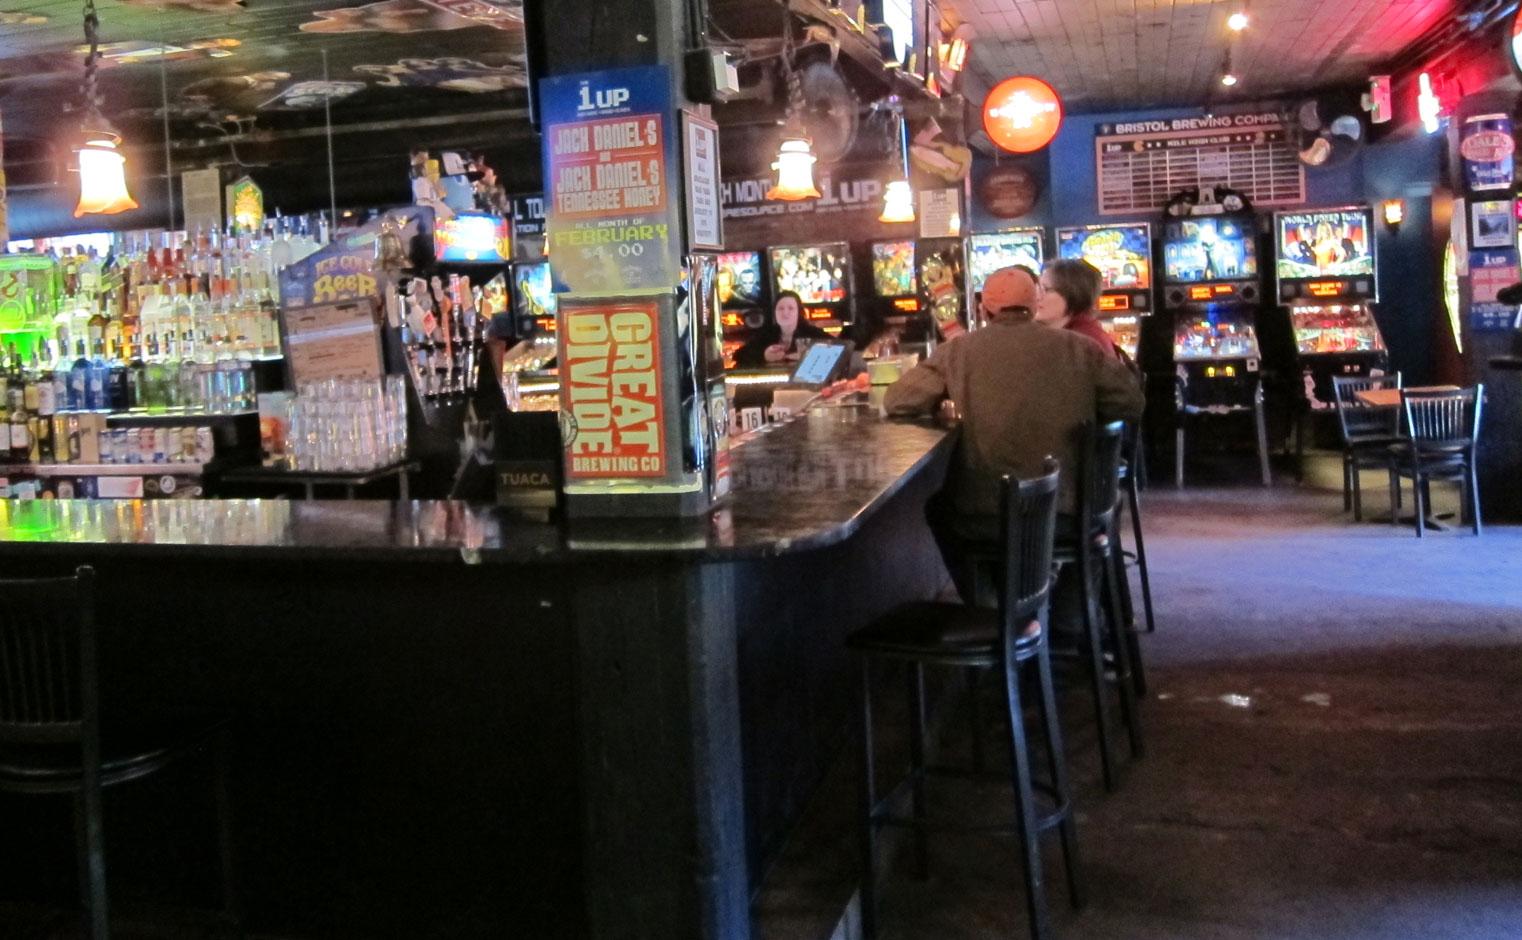 1up Bar Amp Arcade Denver Colorado Retrogaming With